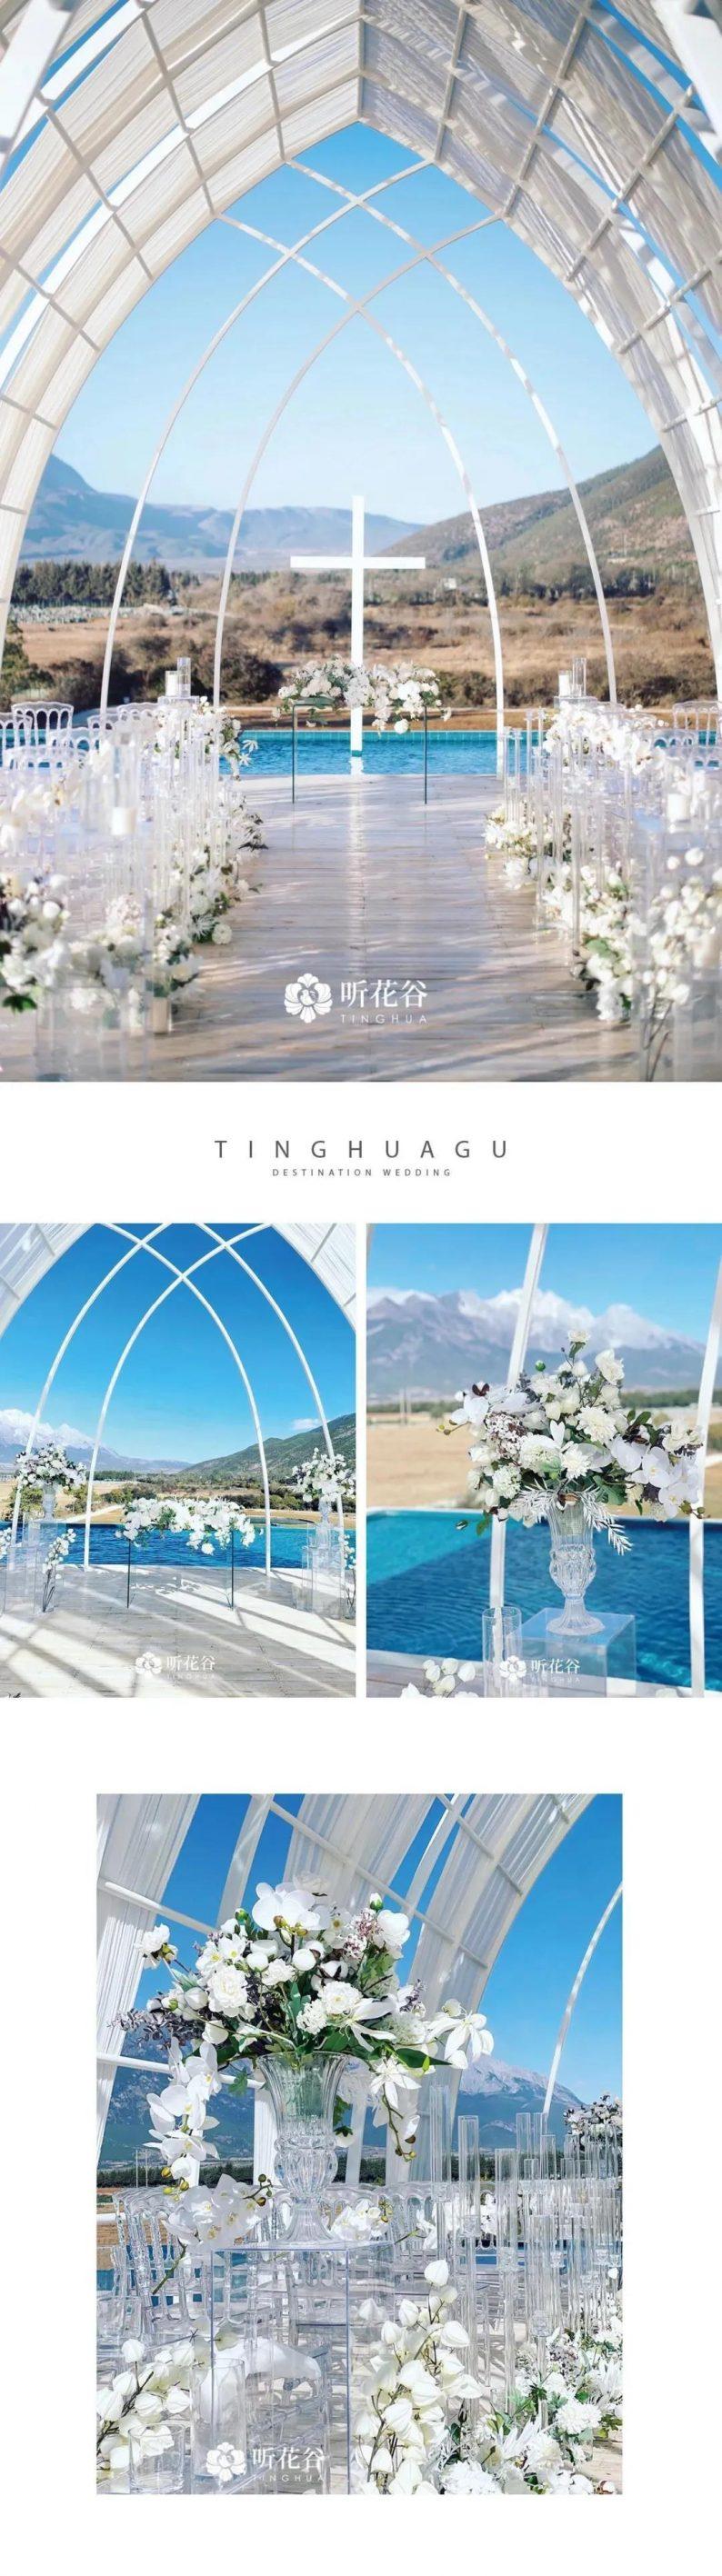 婚礼堂发布:雪山下的圣洁礼堂,丽江婚礼新地标  第6张